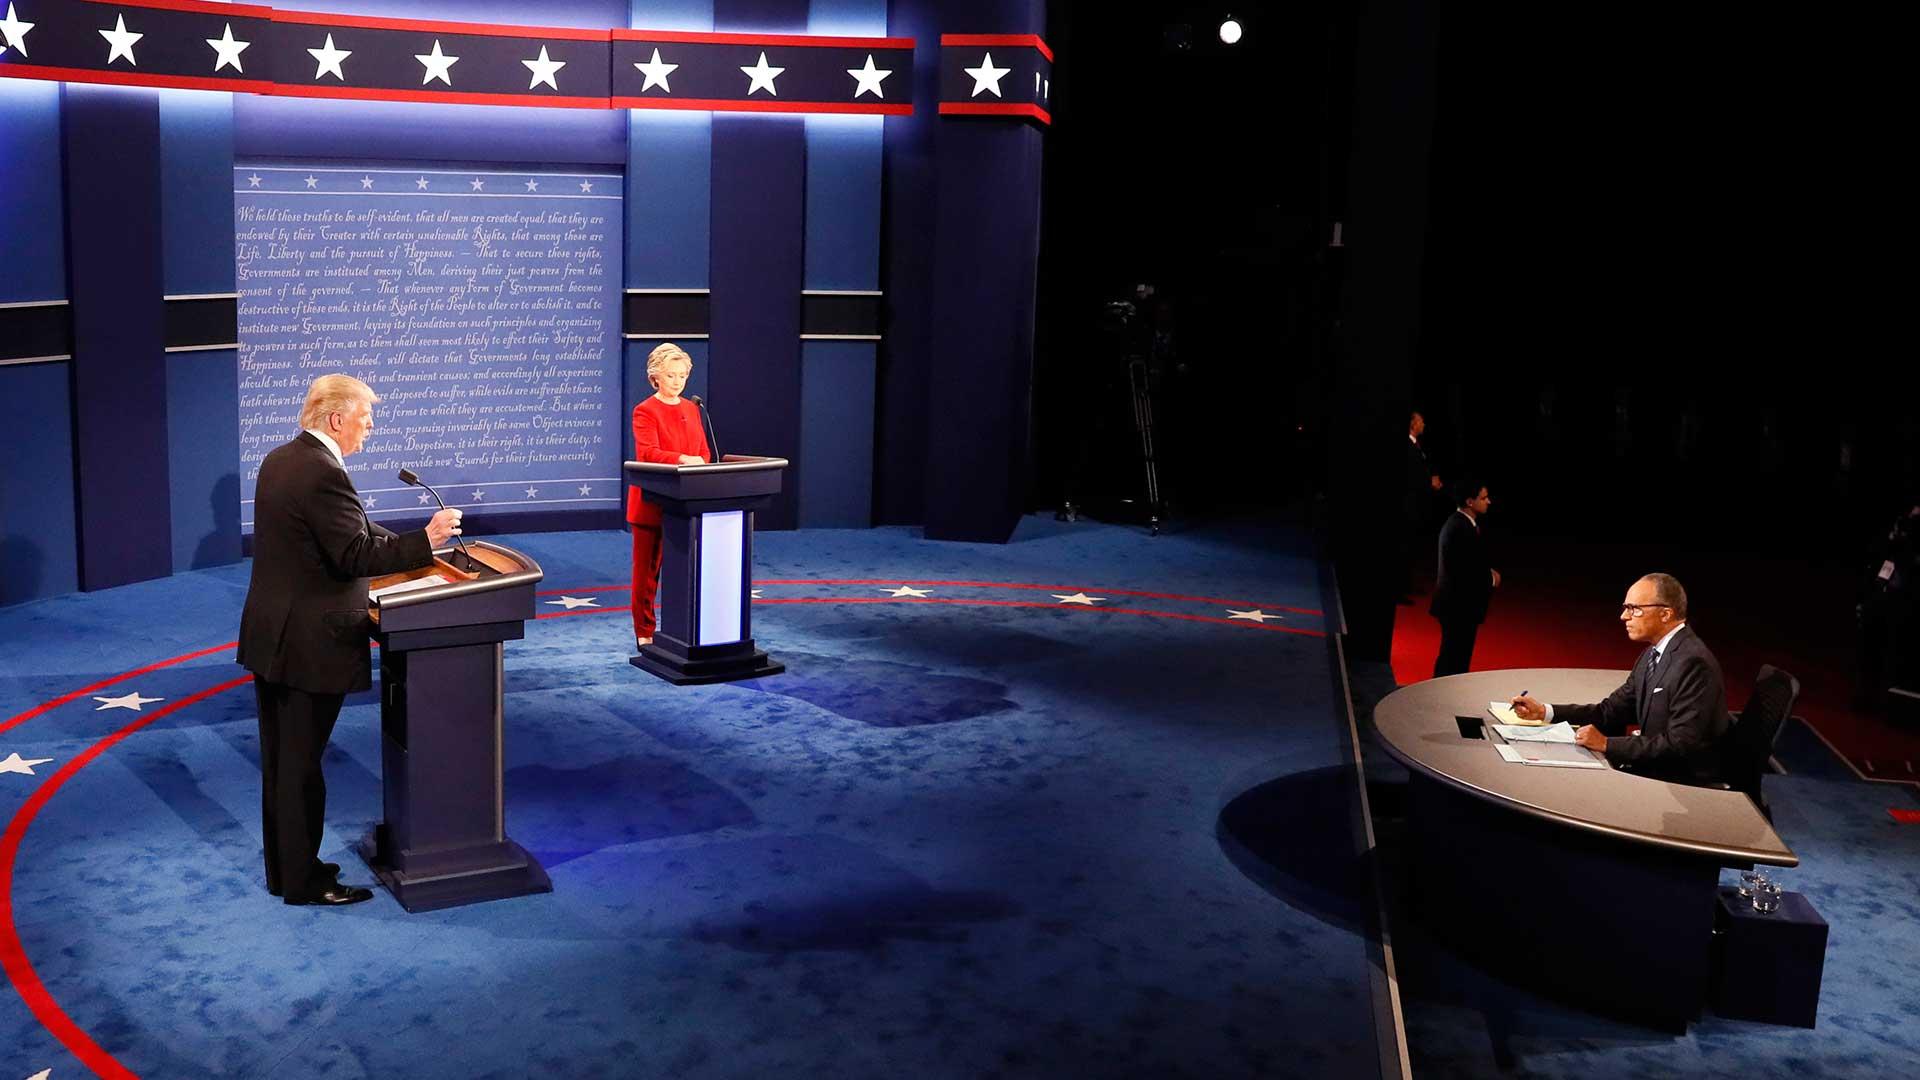 (AP) Trump atacó a Hillary afirmando que revelará su declaración jurada si Clinton revela los 33 mil correos electrónicos que borró desde su servidor privado.